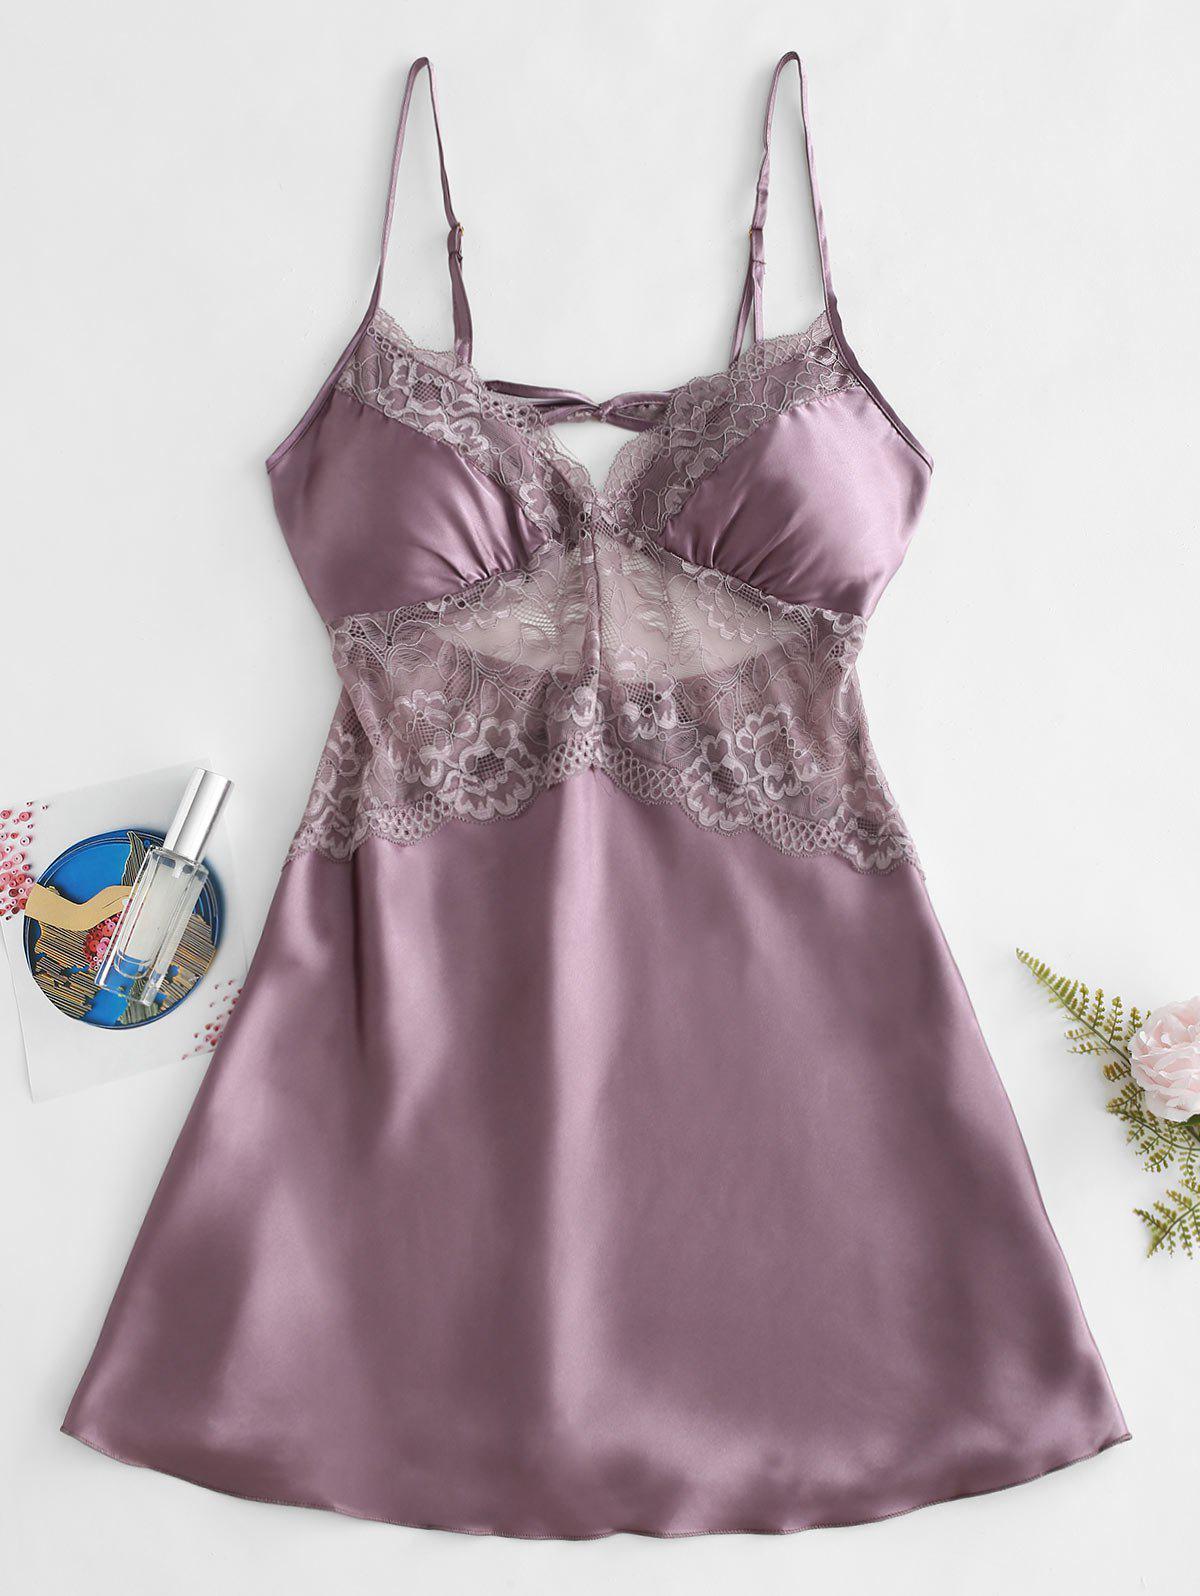 Lace Insert Slip Lingerie Dress